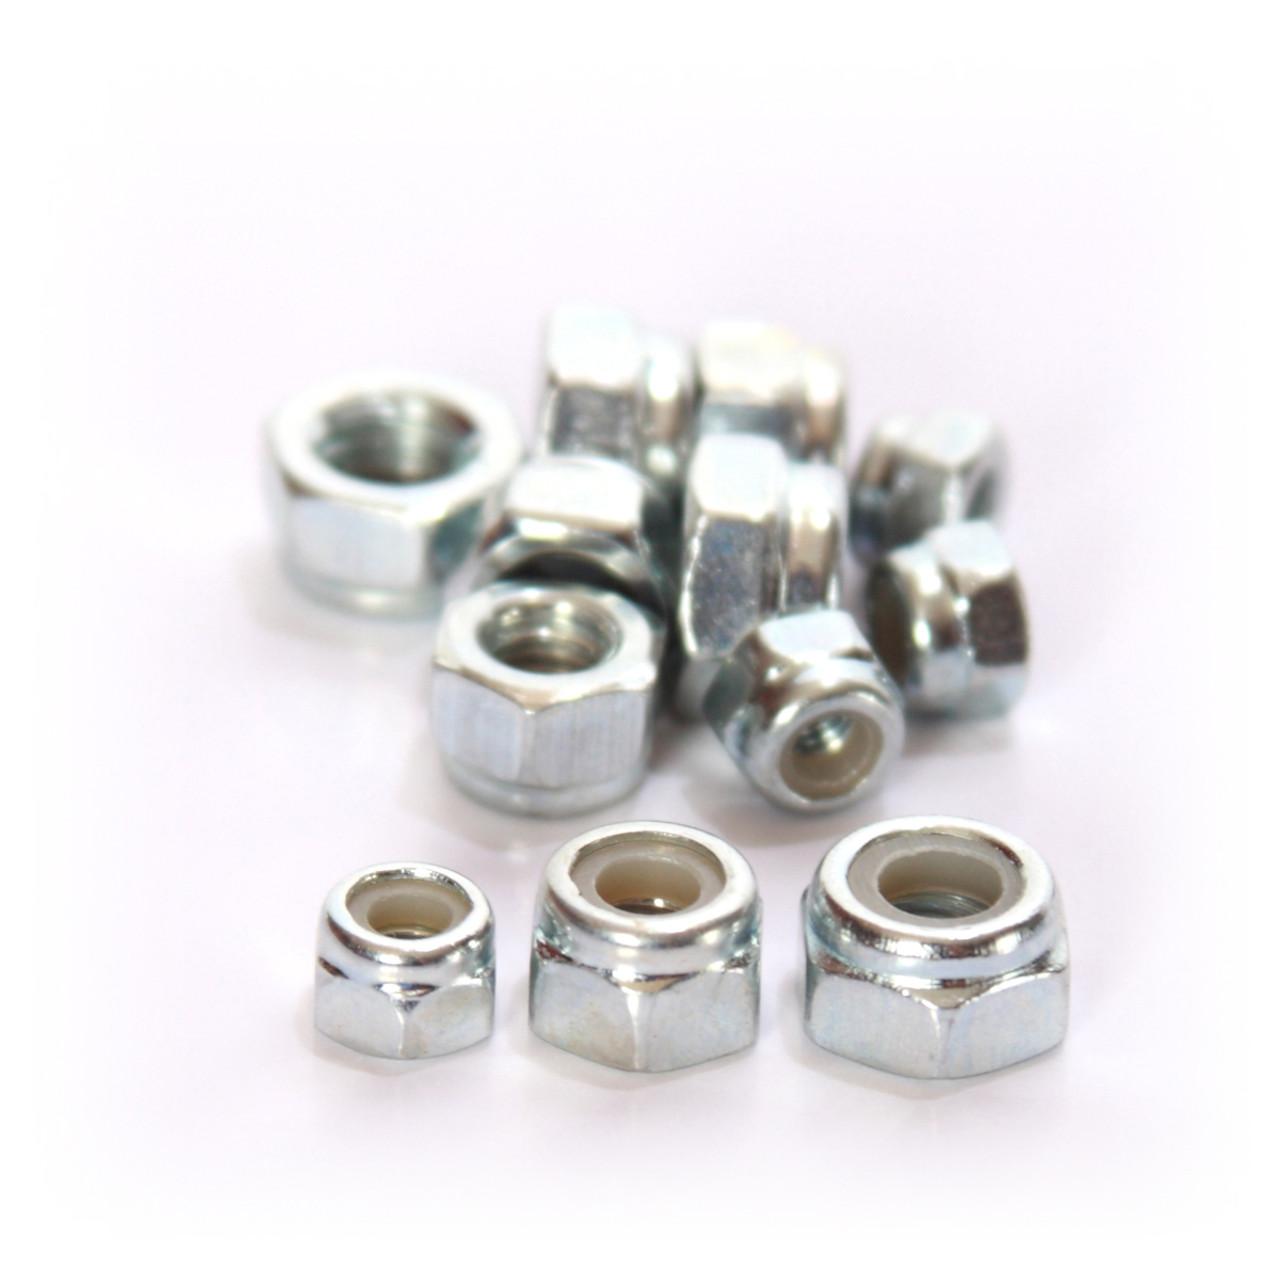 Hardware M3 Locknuts (10 Pack)